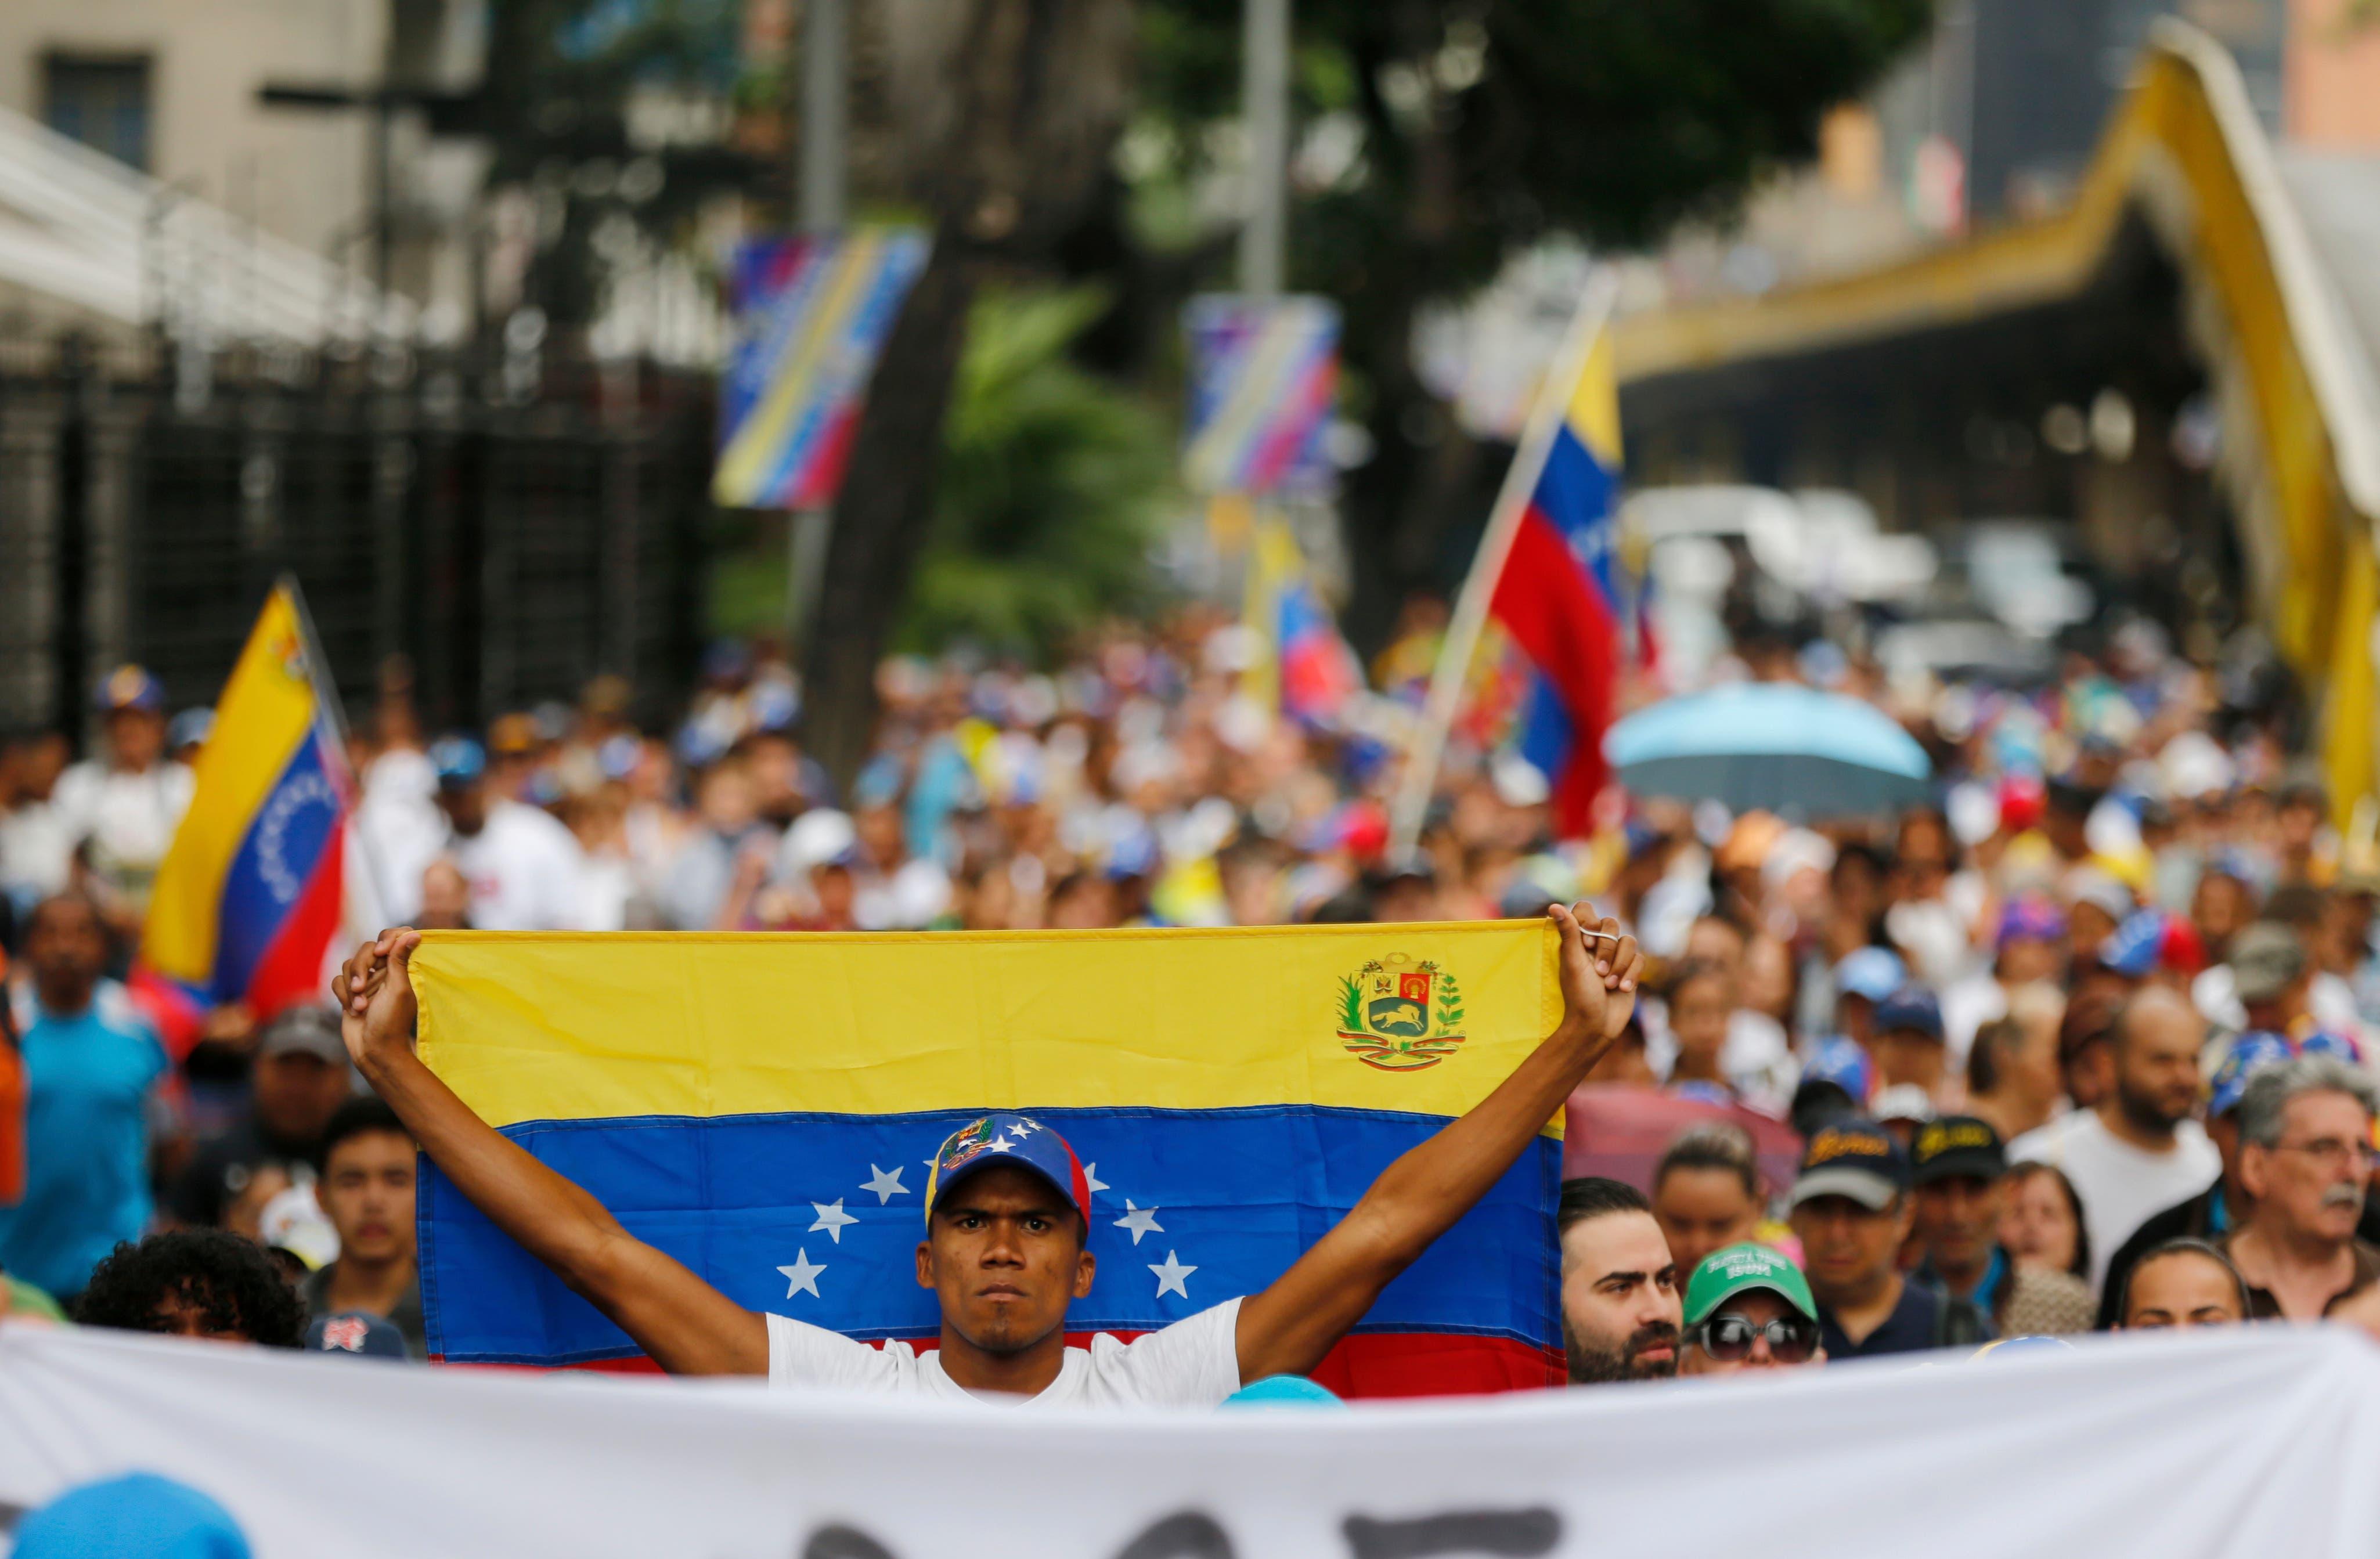 3. Un miembro de la oposición sostiene una bandera nacional venezolana durante una marcha de protesta contra el presidente Nicolás Maduro en Caracas, Venezuela.